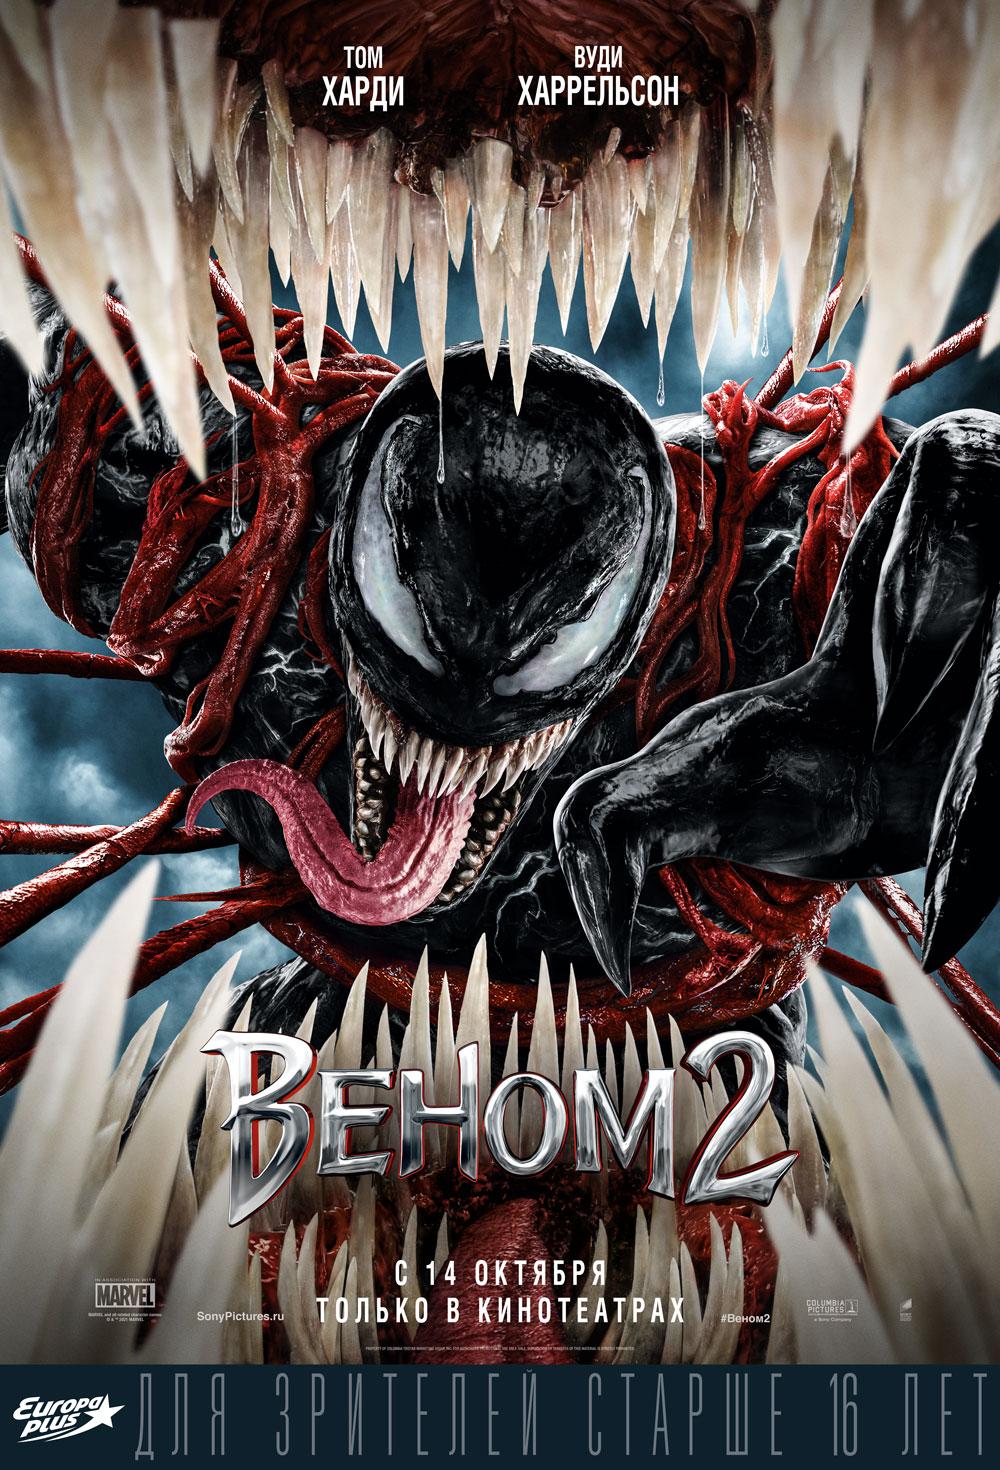 Российскую премьеру «Венома 2» вслед за мировой перенесли на 14 октября